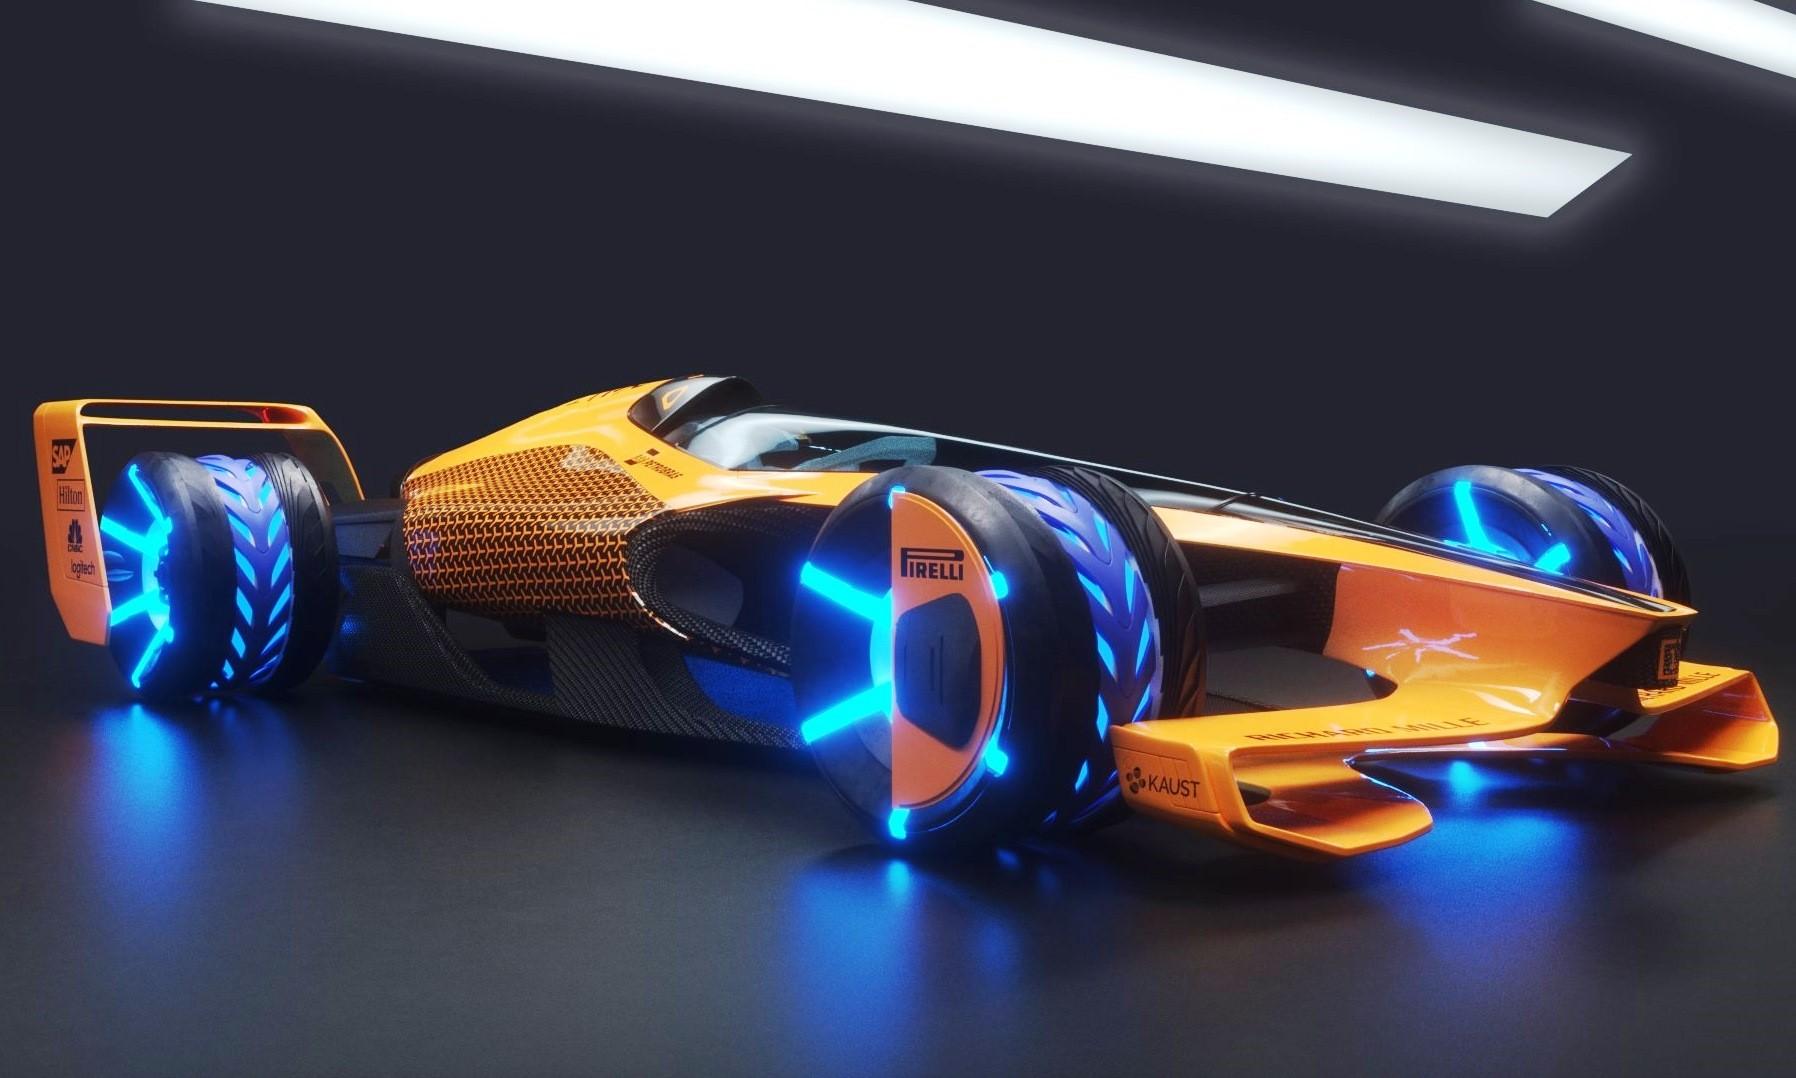 McLaren Future Grand Prix racecar